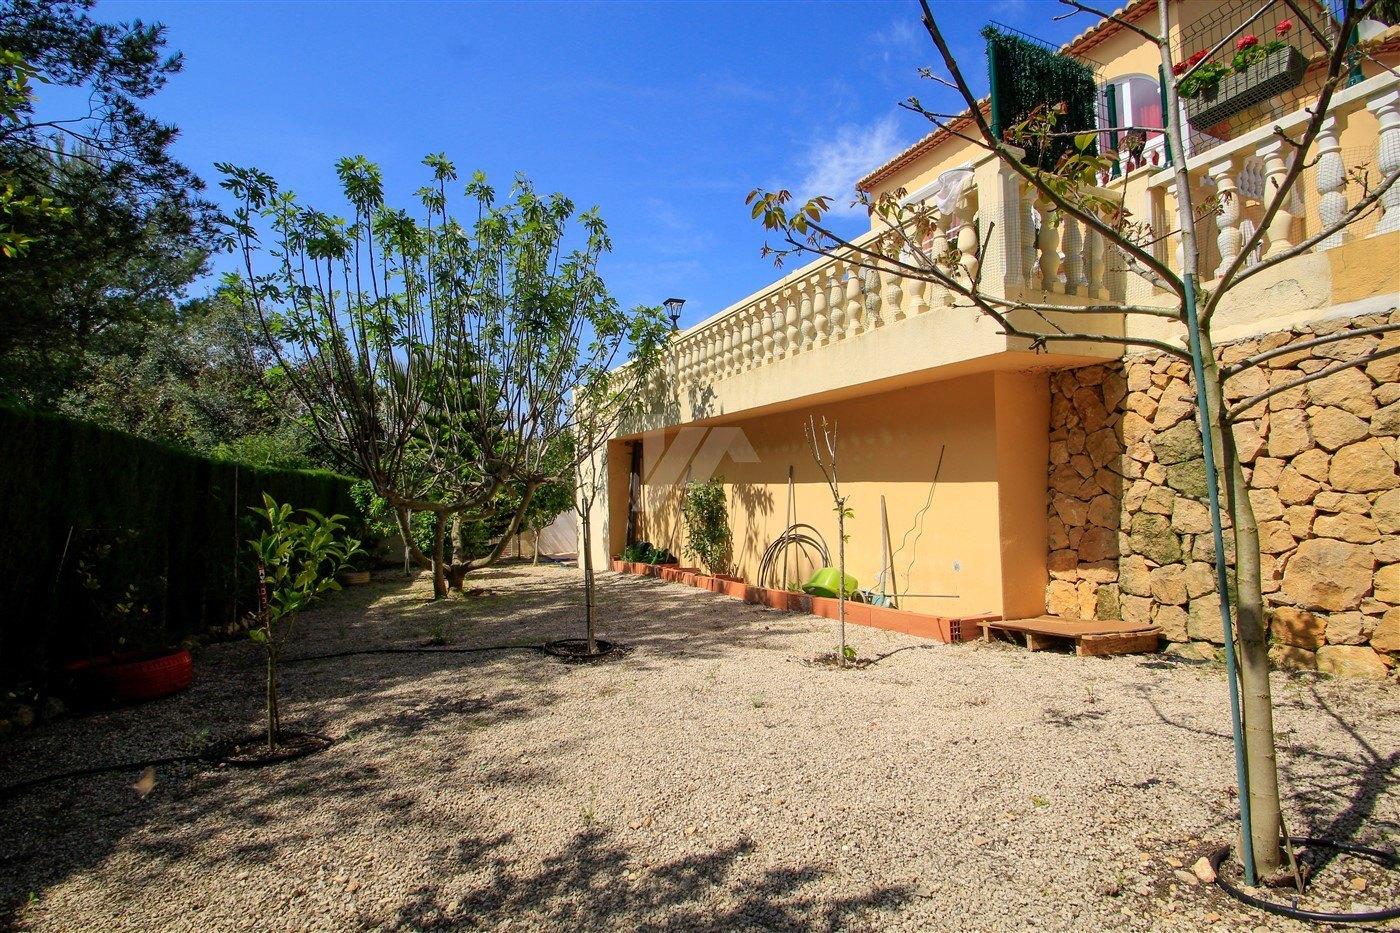 Villa en venta en Benitachell, Costa Blanca.